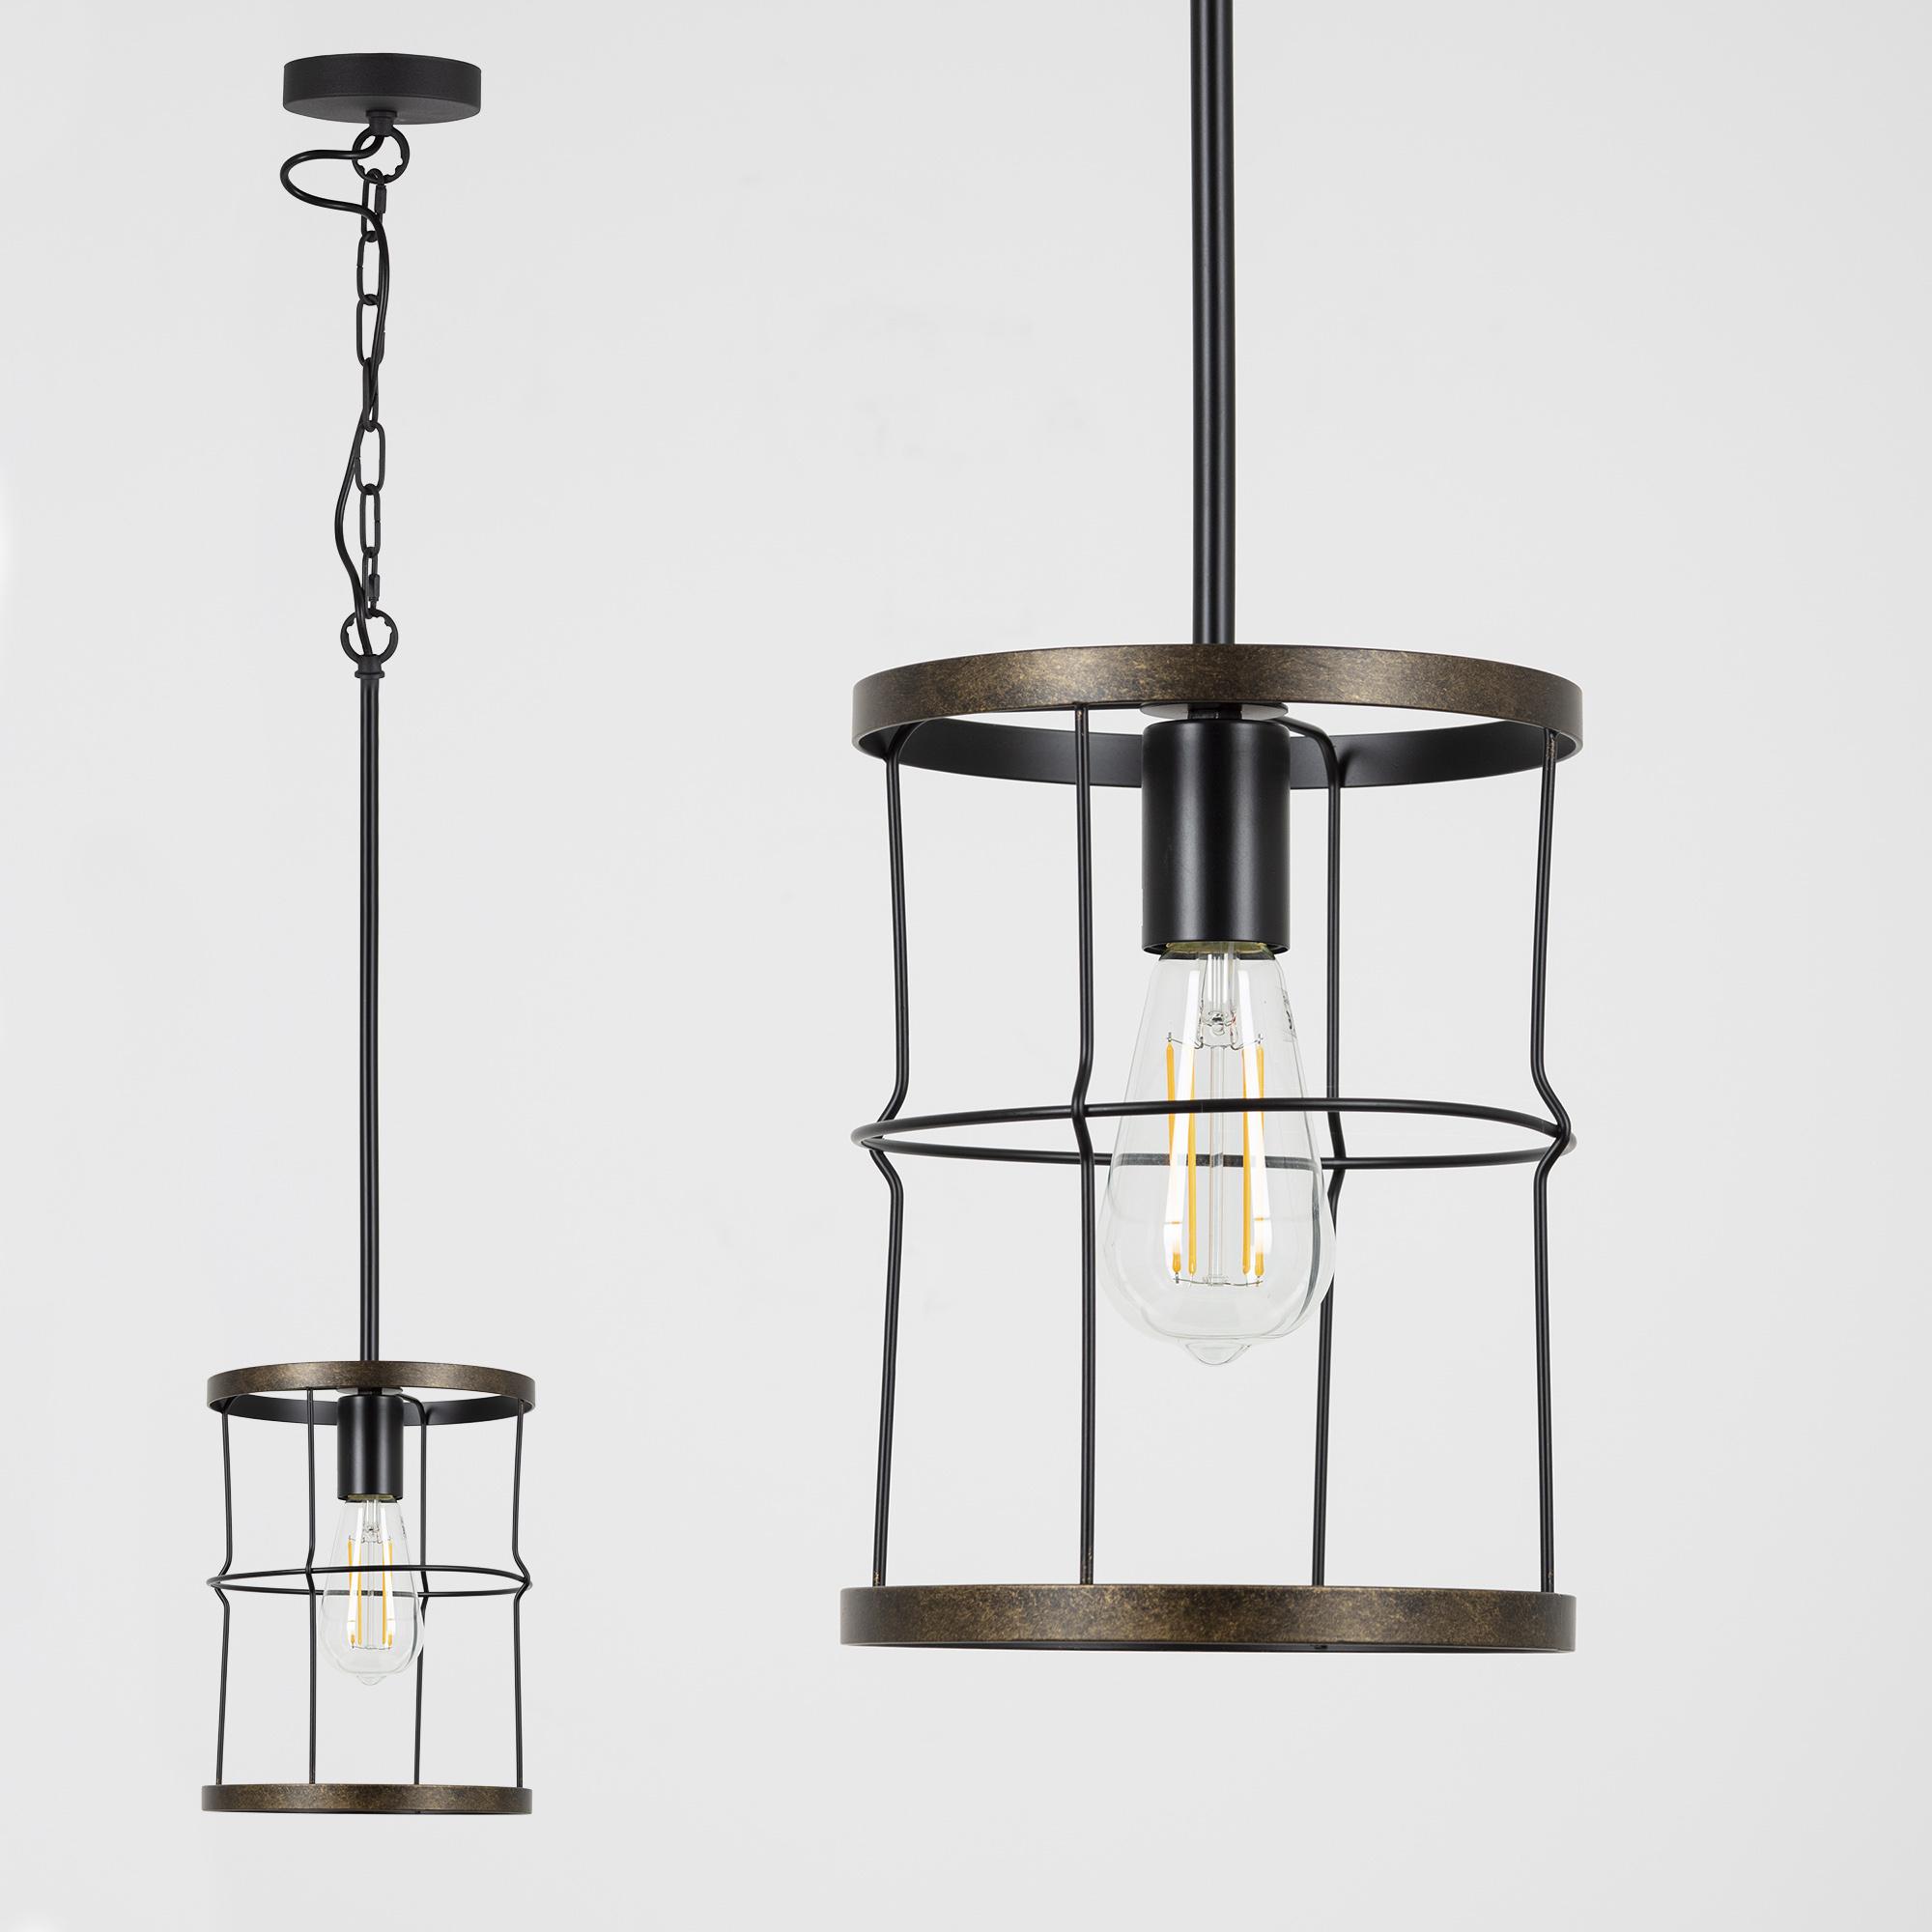 Benson hanglamp metal